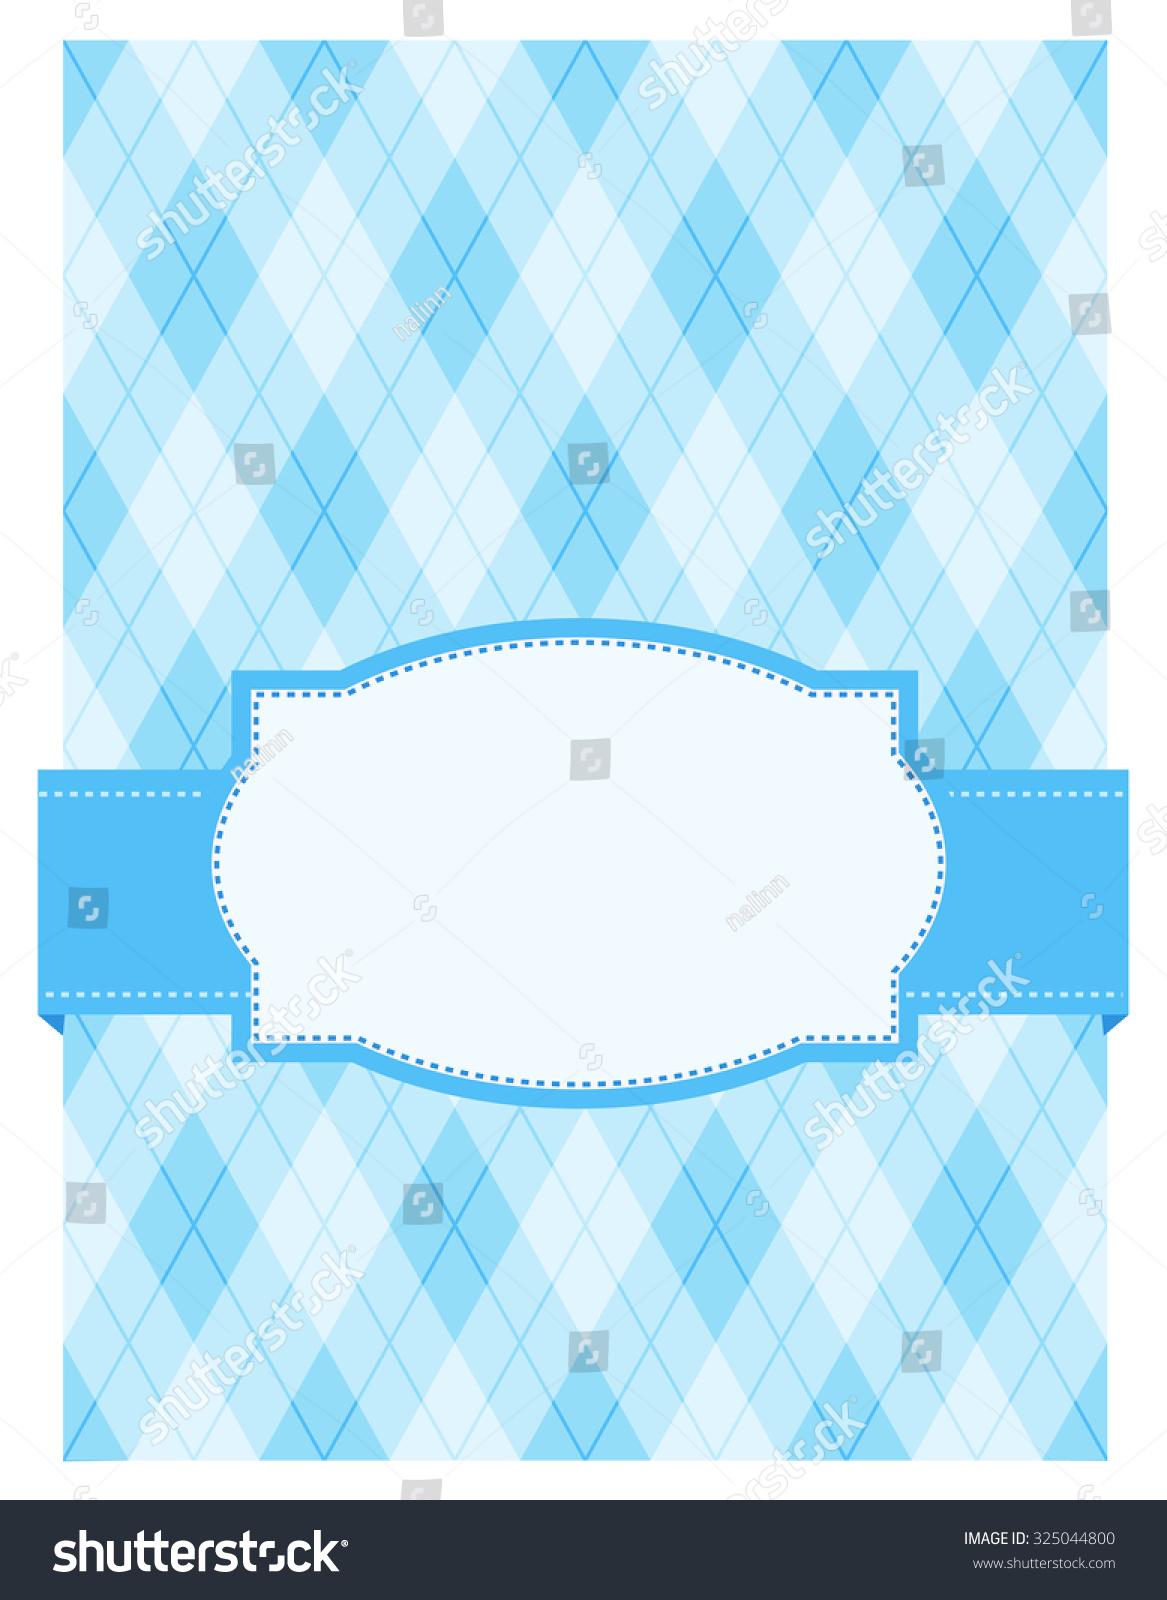 baby boy background design - photo #23